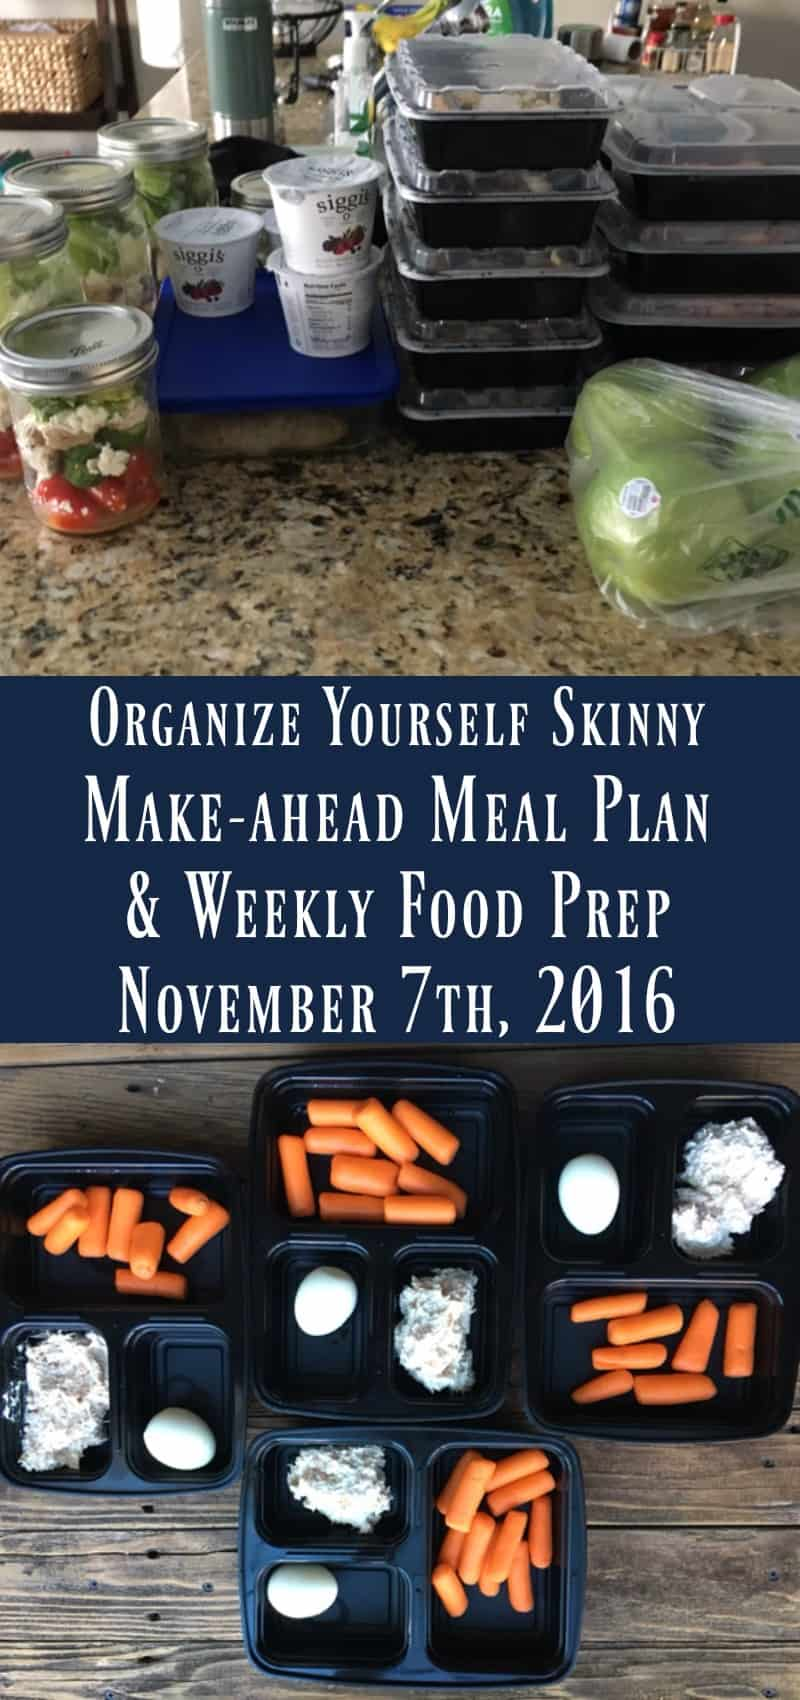 Make-ahead Meal Plan & Weekly Food Prep {November 7th, 2016}